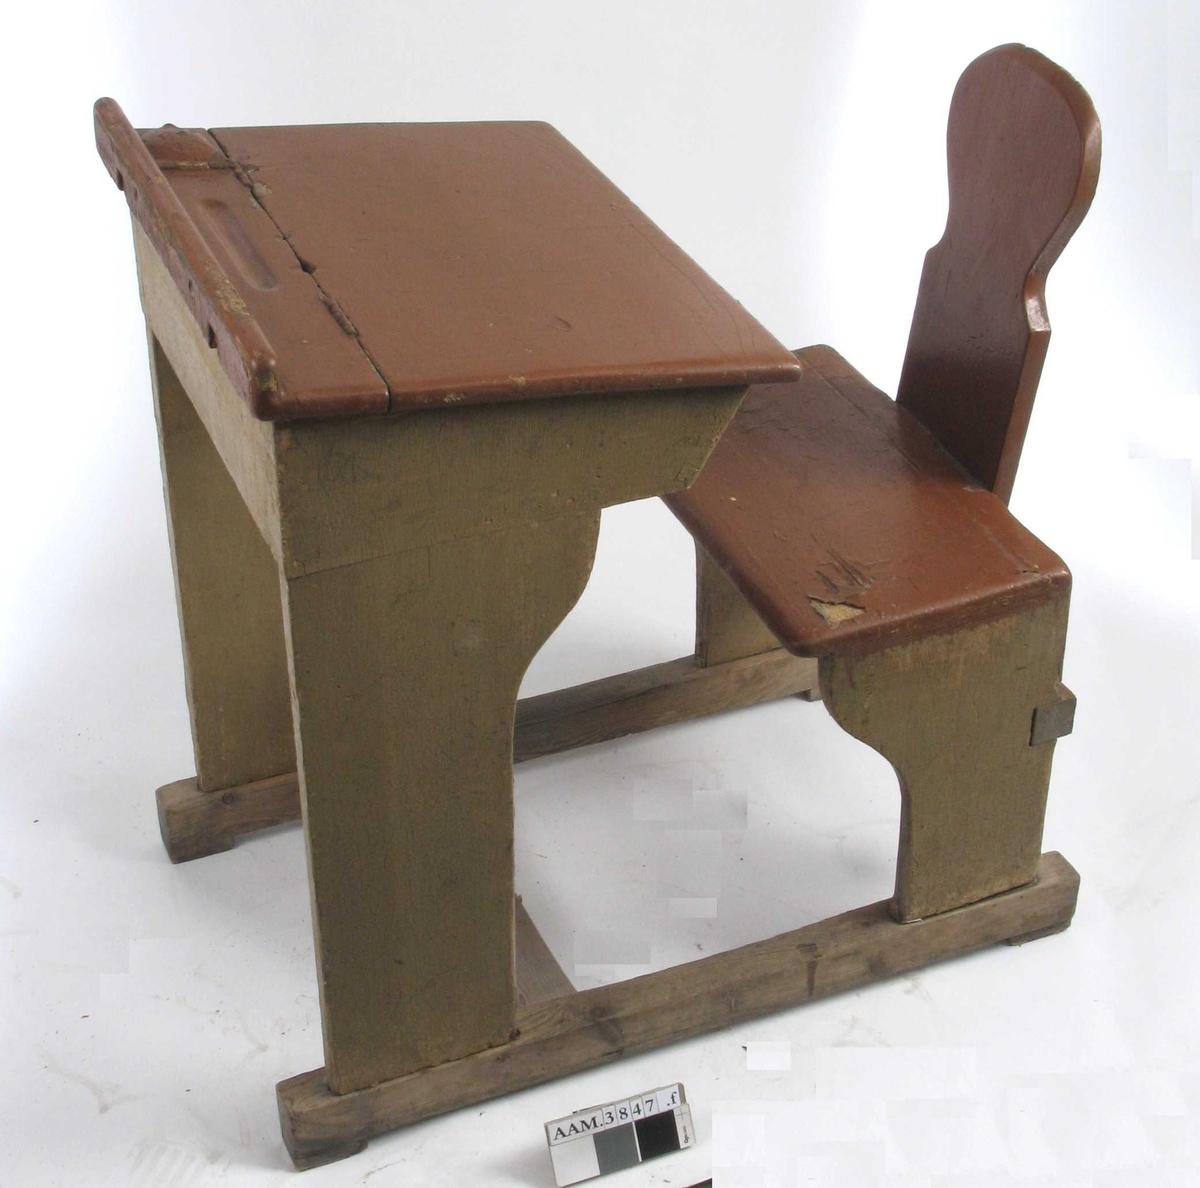 Form: Vanger m. pult og stol i ett. Rom for oppbevaring under plata.